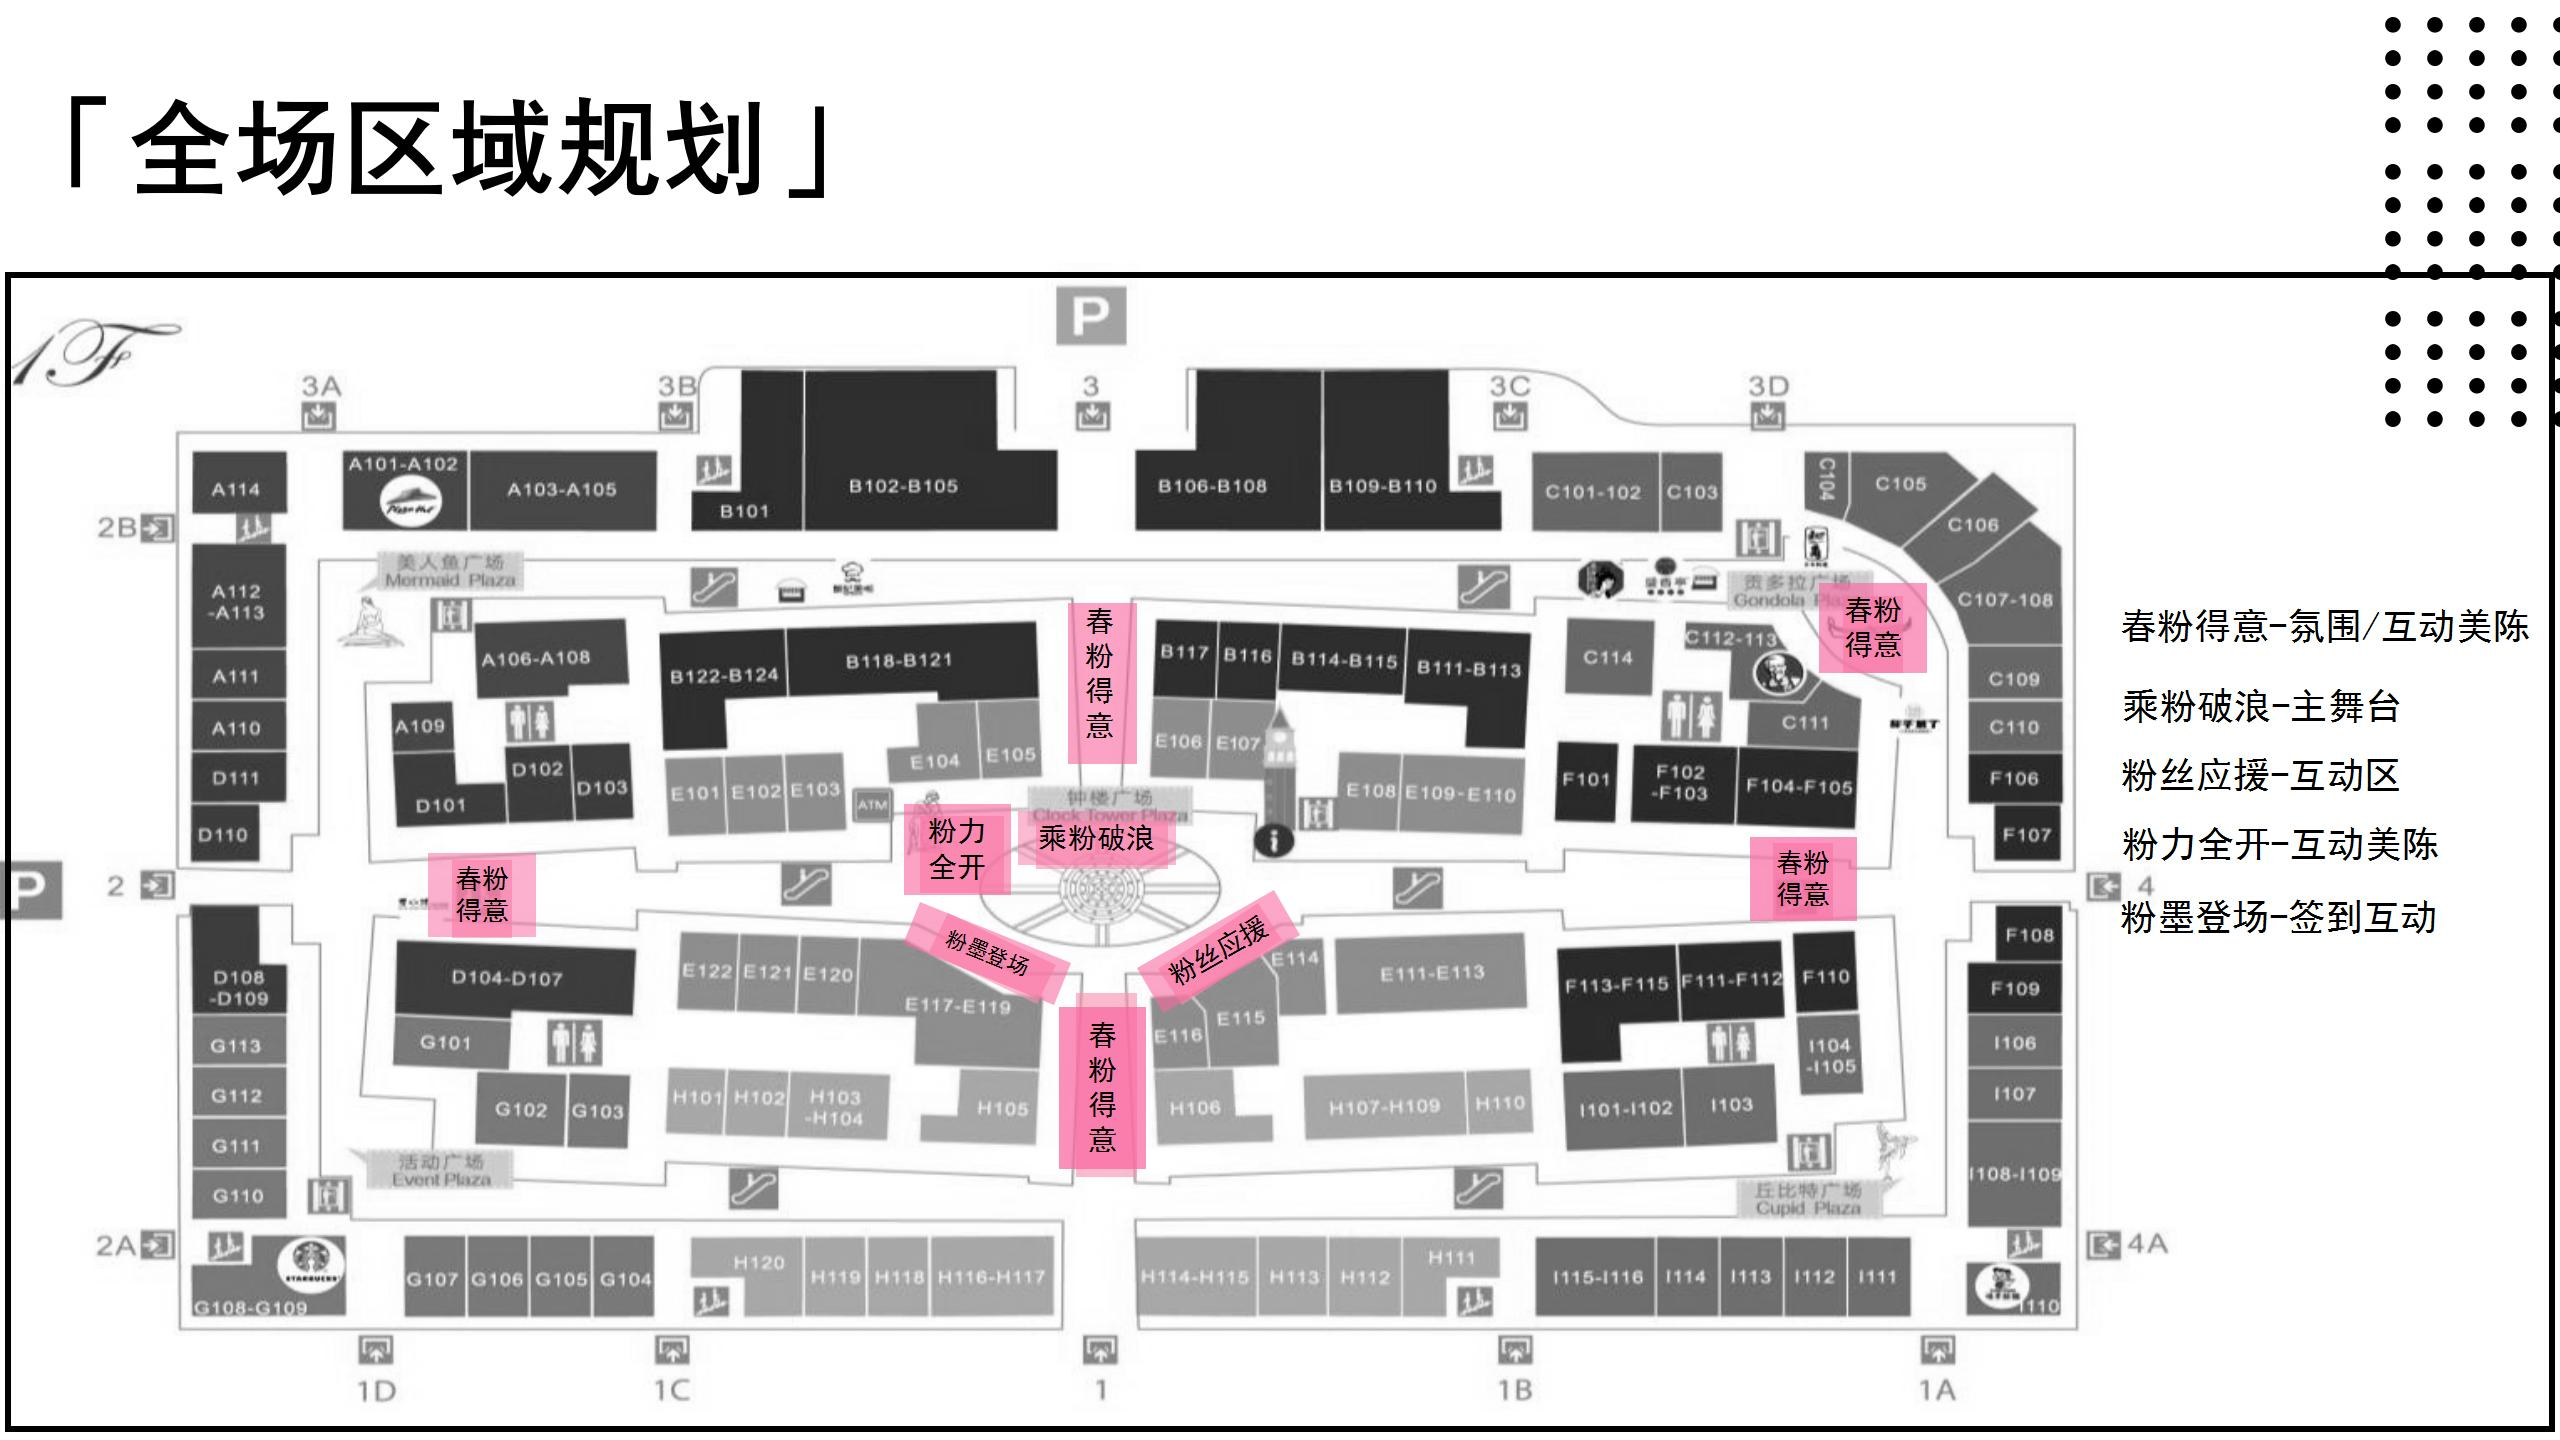 """021商业广场粉红节活动策划方案,传达对新时代女性的理解"""""""